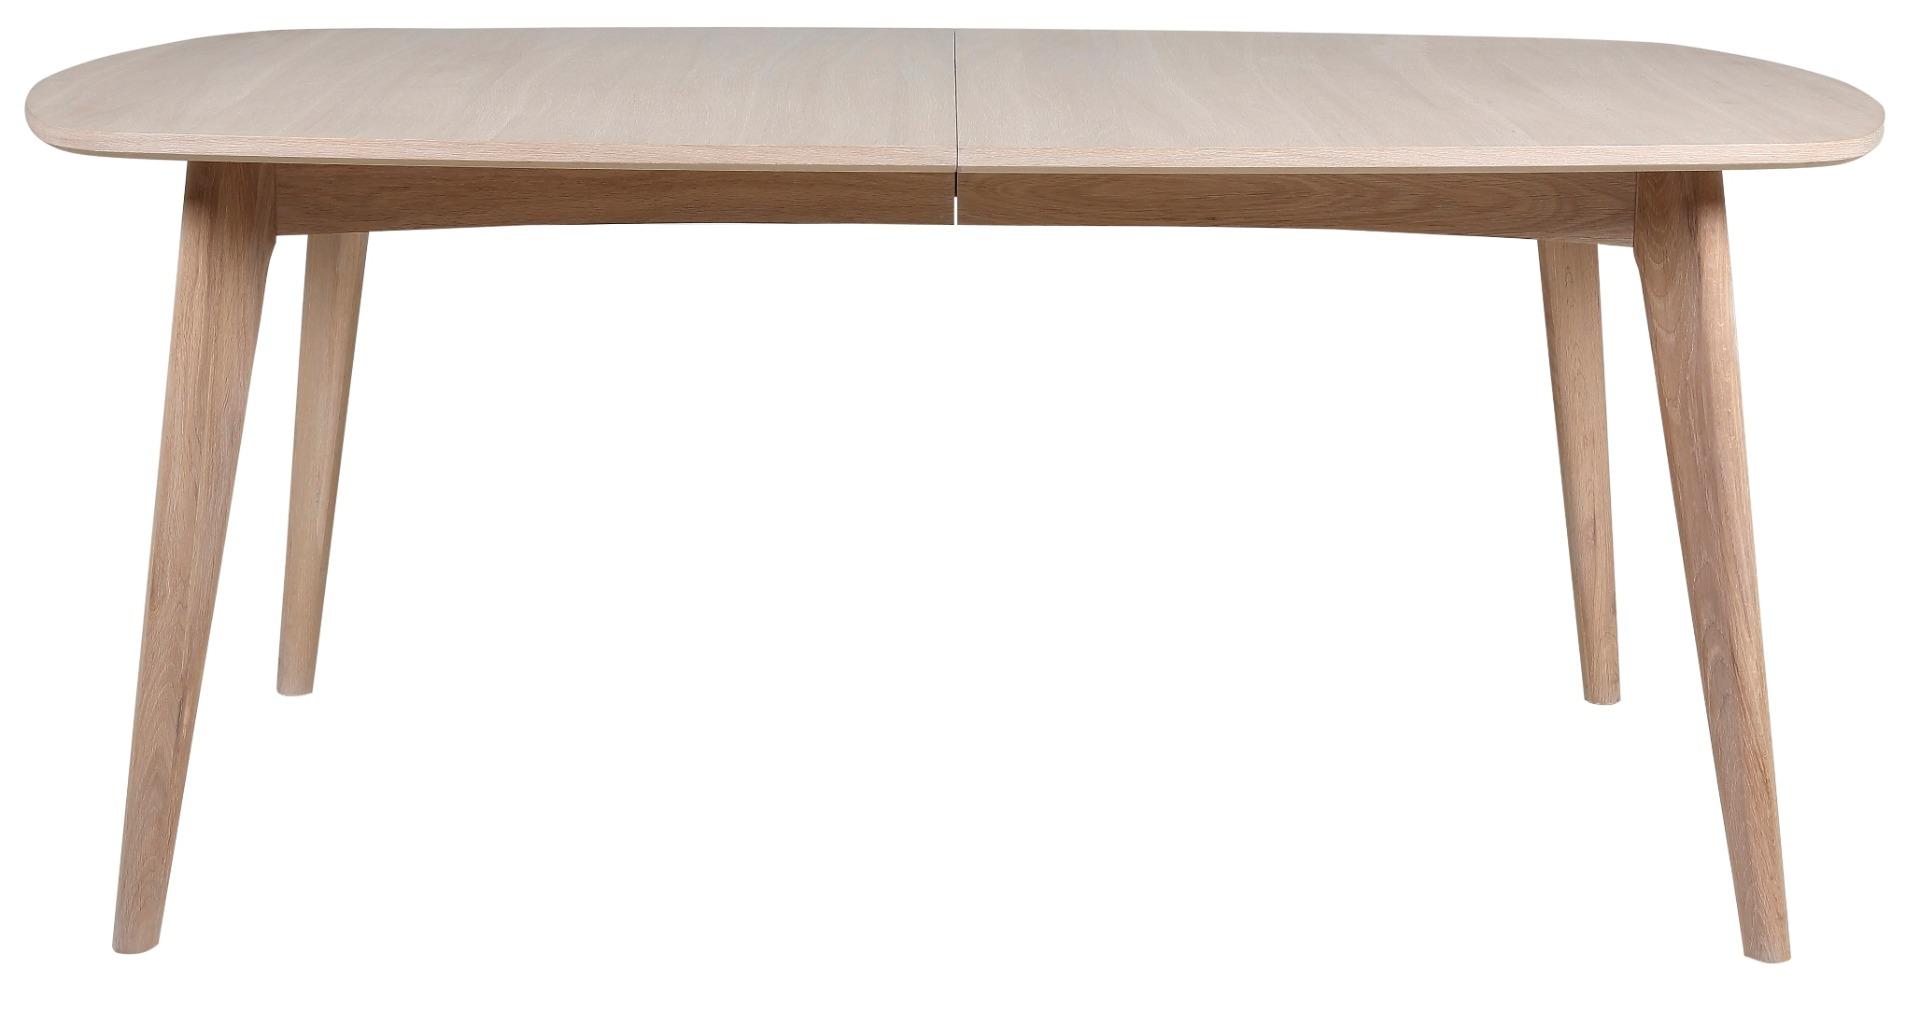 24Designs Uitschuifbare Tafel Nadine - 180/270x102x76 - Eiken White Wash - Incl. 2 Verlengstukken